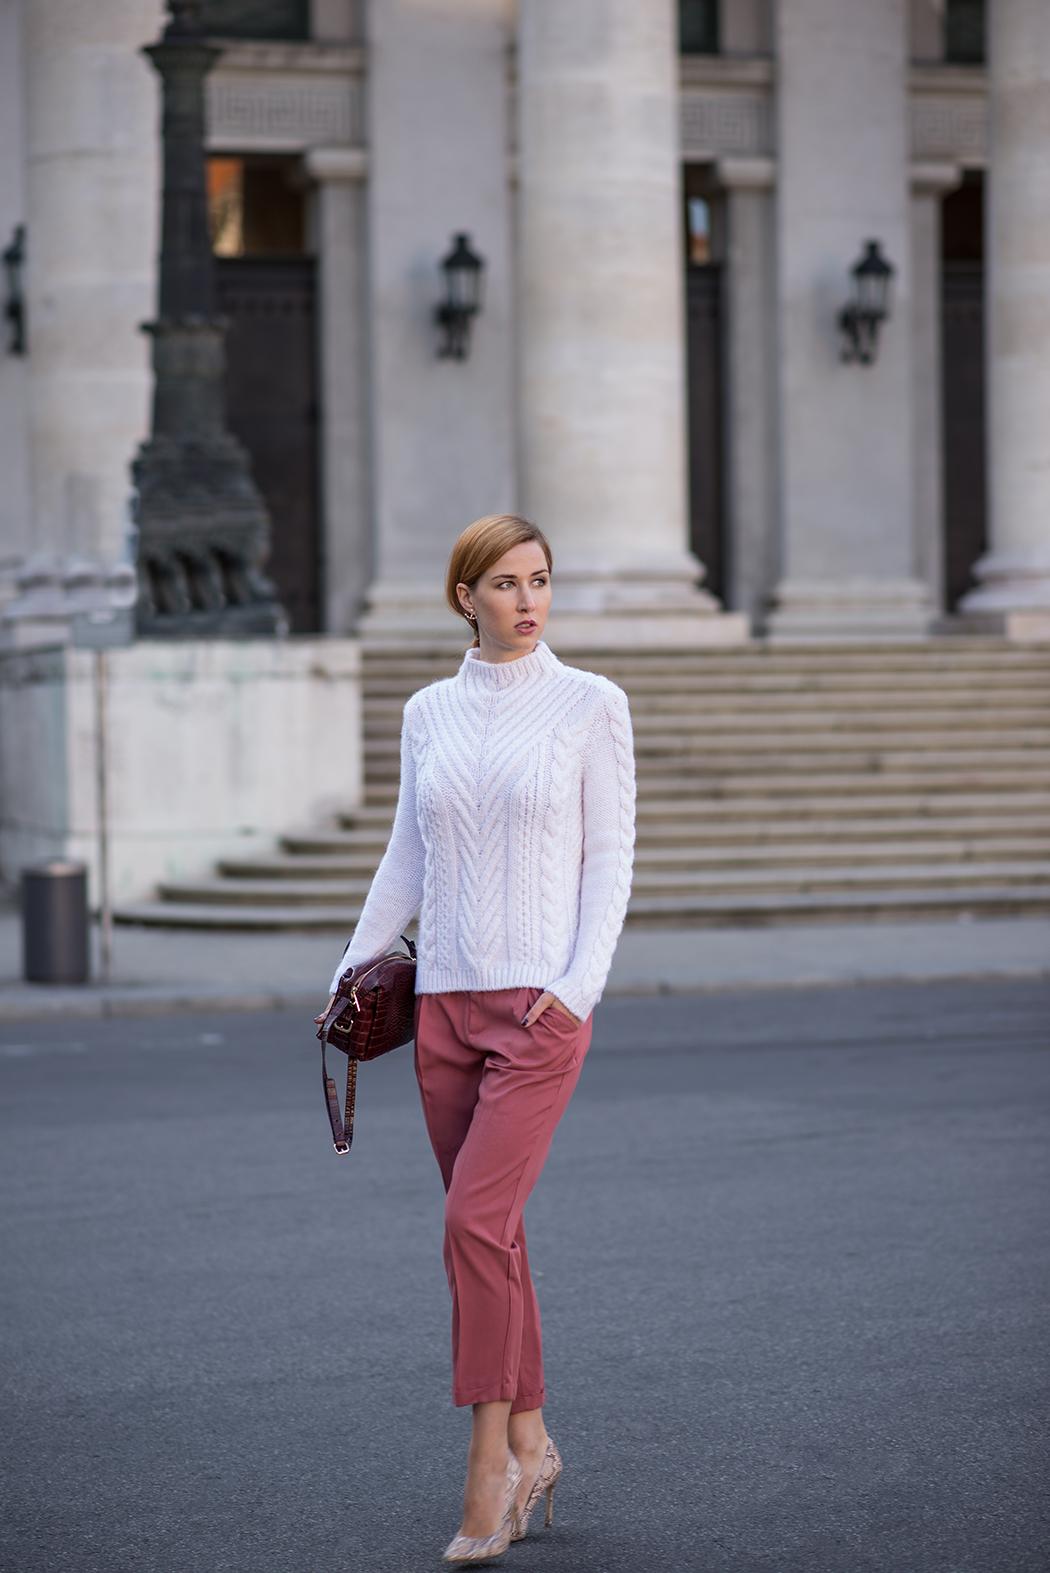 Fashionblog-Fashionblogger-München-Deutschland-Fashion-Blog-Lifestyle-Lindarella-Linda-Rella-Rollkragen_Pullover_weiß-Zara-2-web